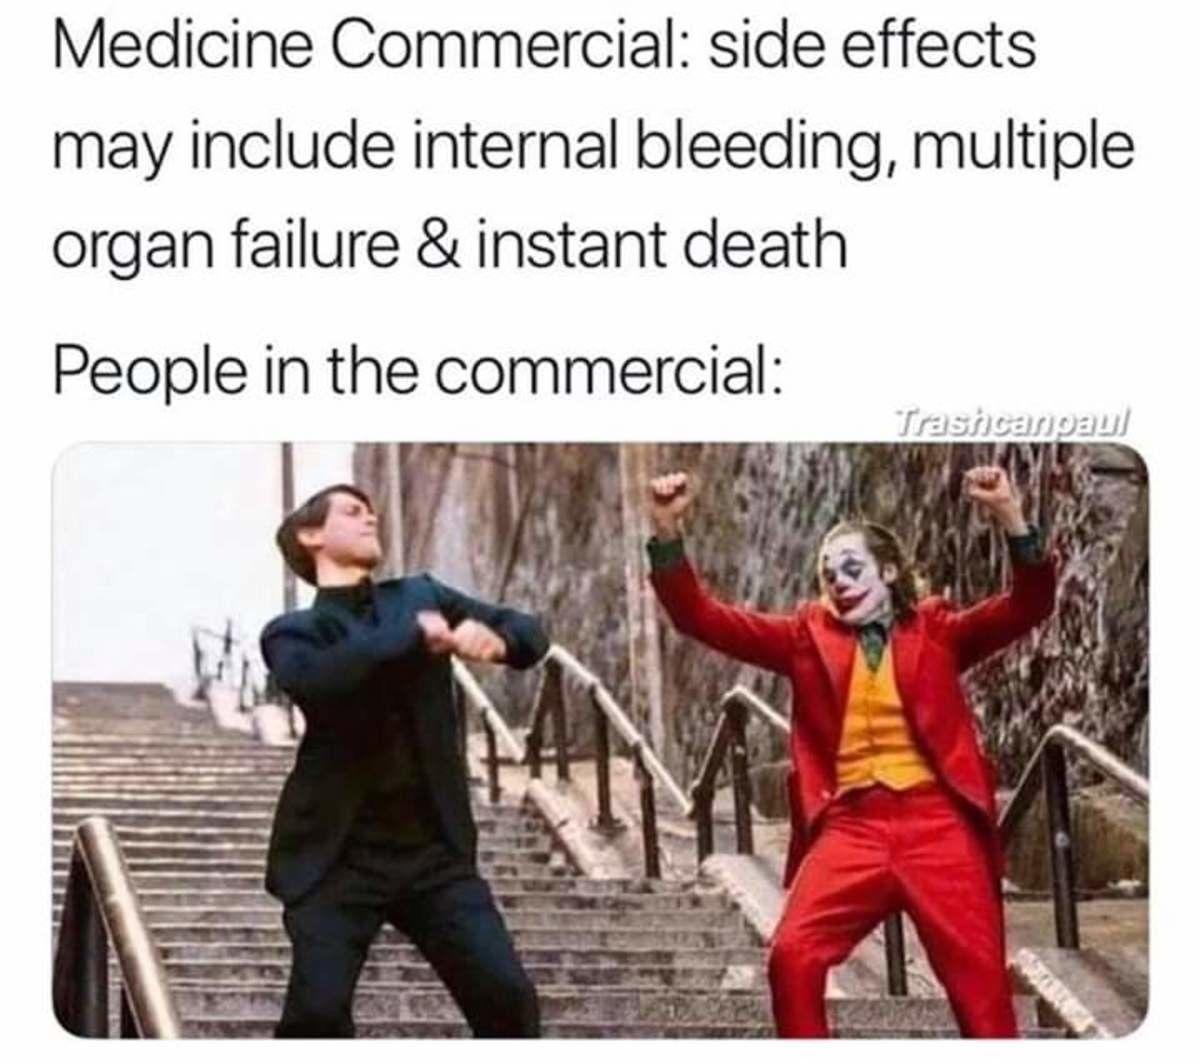 Drugs are bad mmmkay